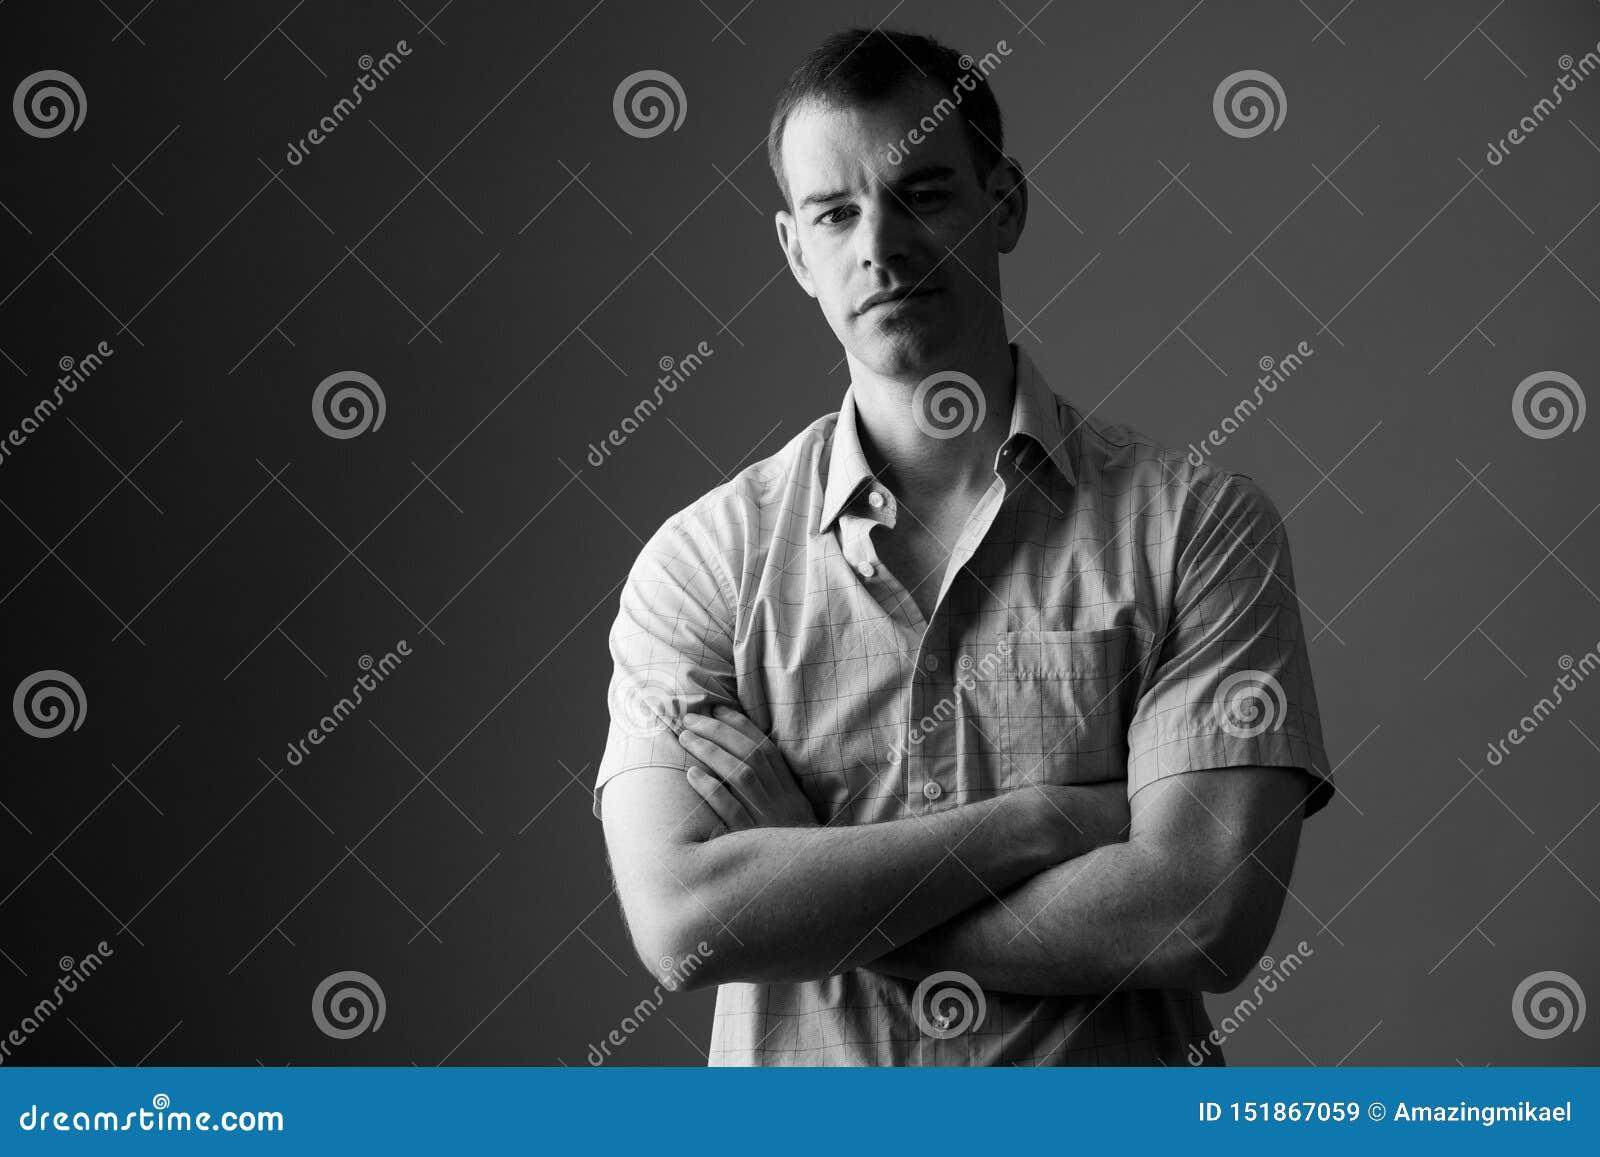 Retrato del hombre de negocios con los brazos cruzados en blanco y negro